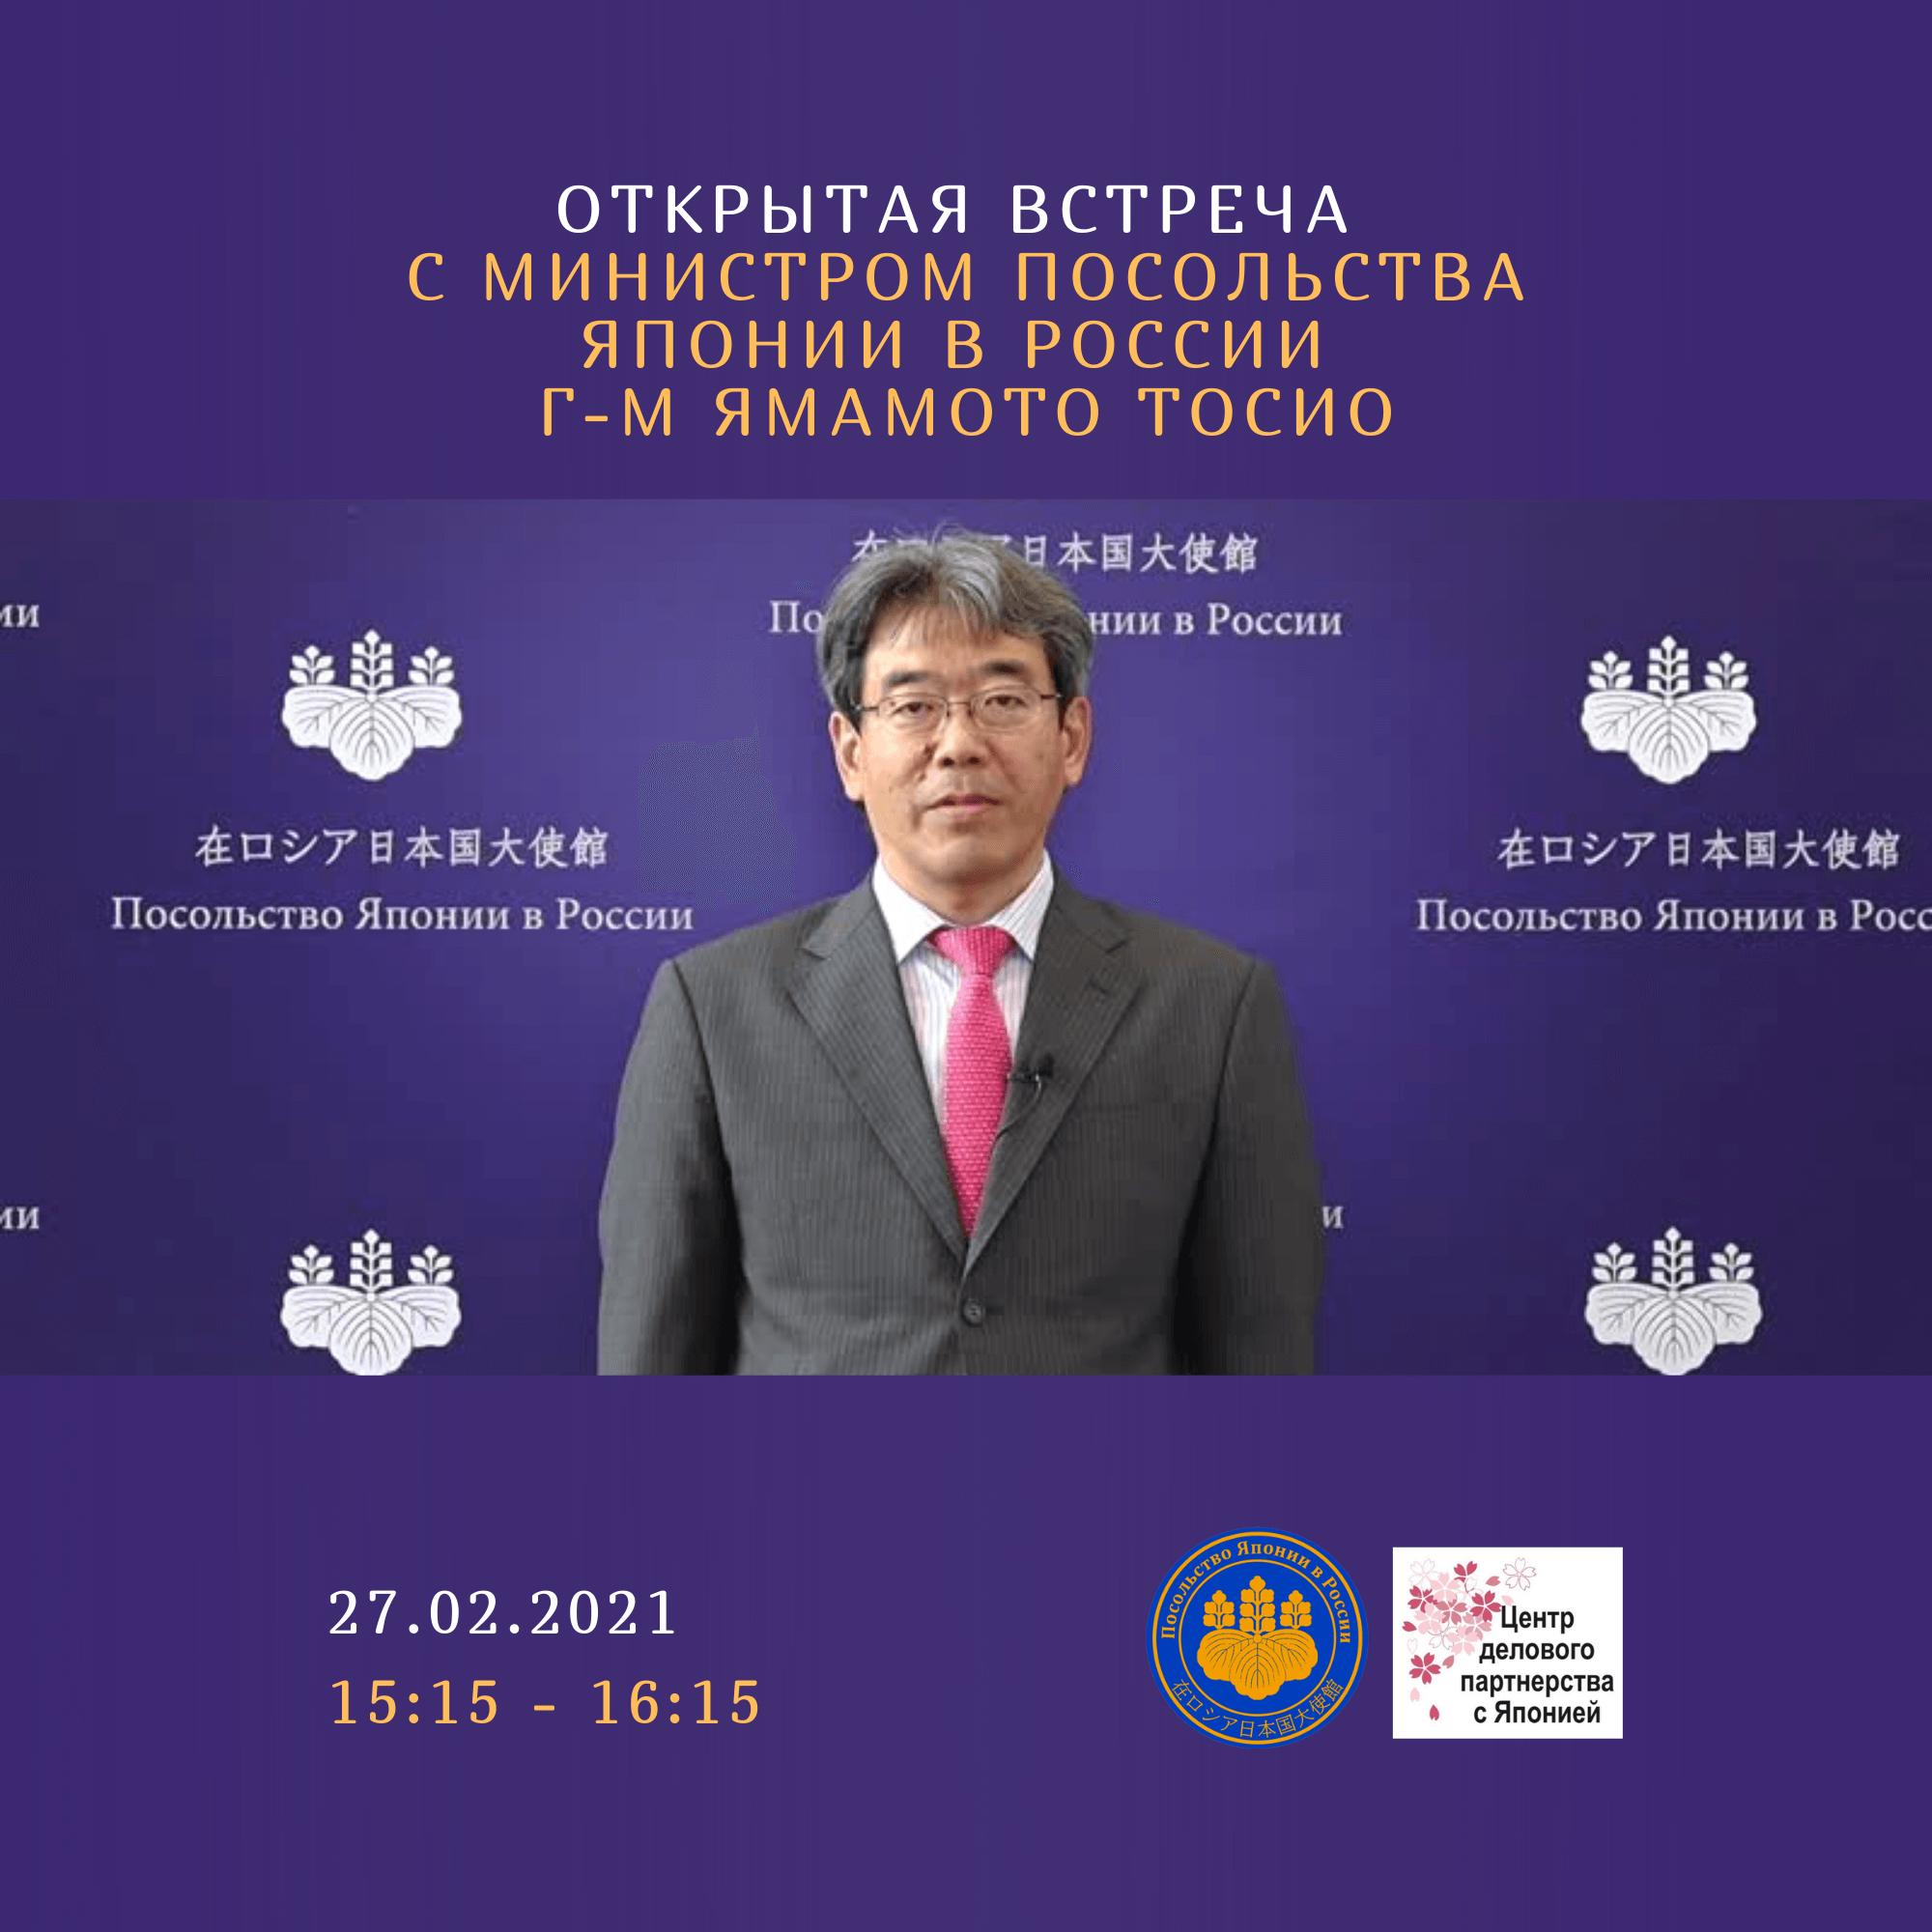 27 февраля состоится открытая встреча с Министром Посольства Японии в России господином Ямамото Тосио